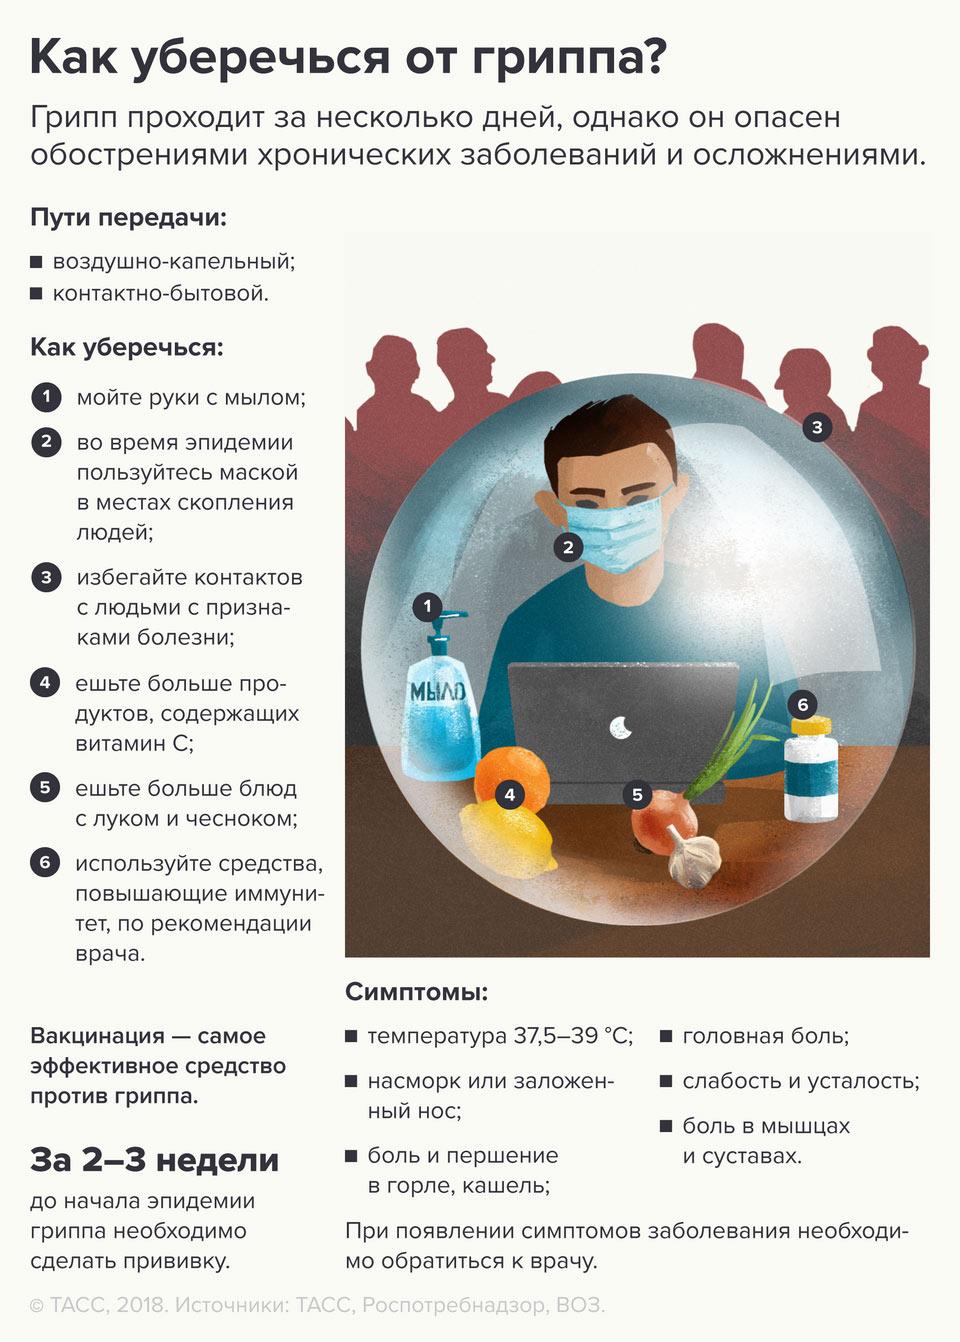 http://sorobr-5.ru/novosti/2017/2018/fevral/prof_gripp.jpg